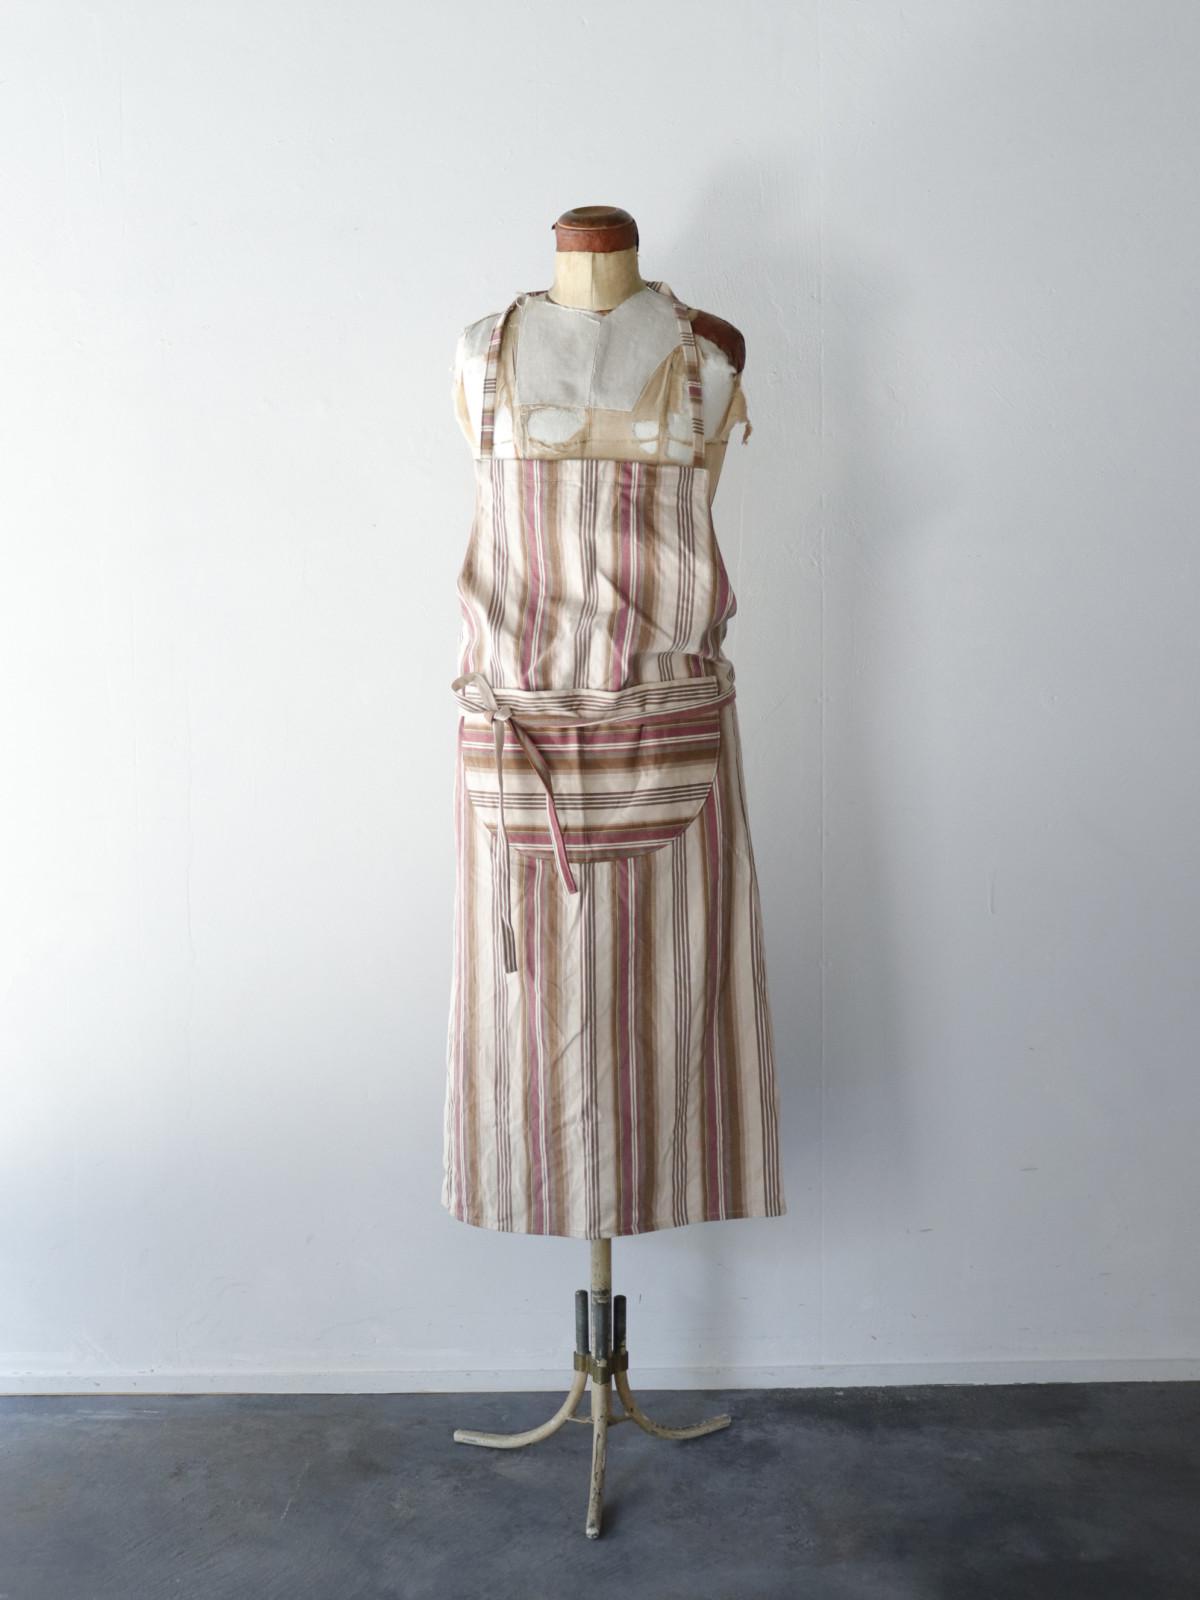 APRON,brown.remake,ticking,USA,Vintage,